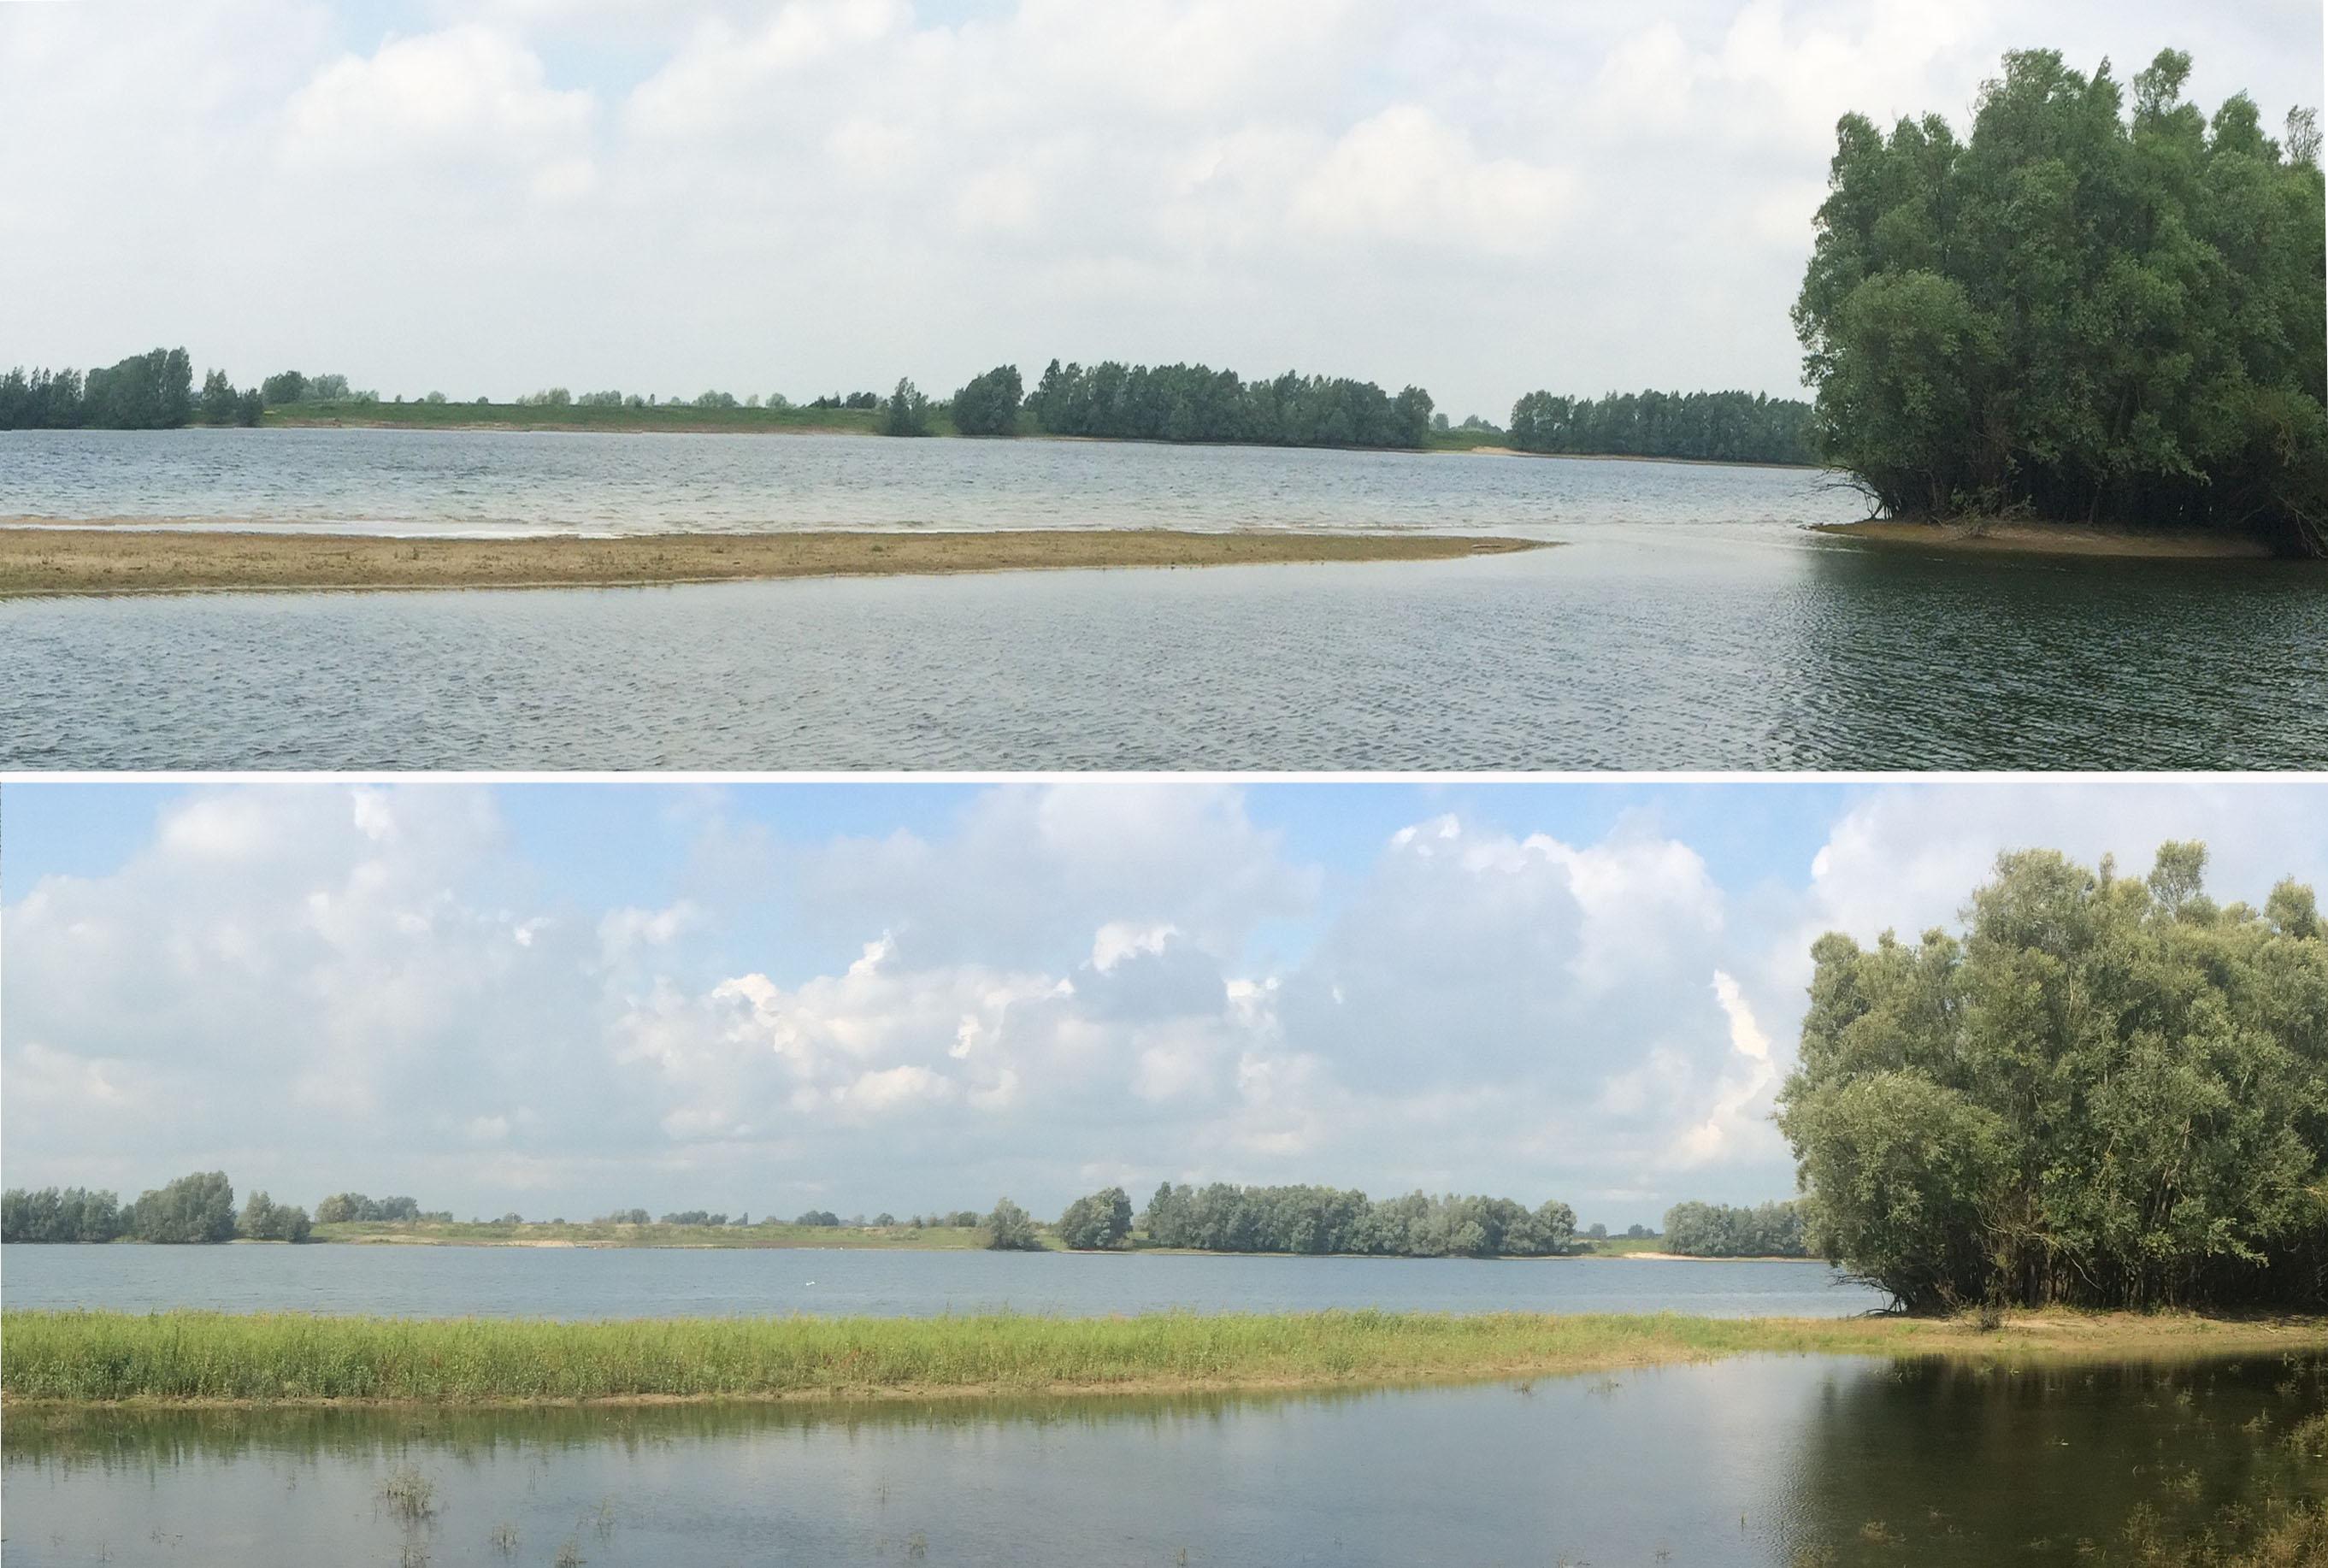 Vergelijking eilandje in plas mei en september 2017